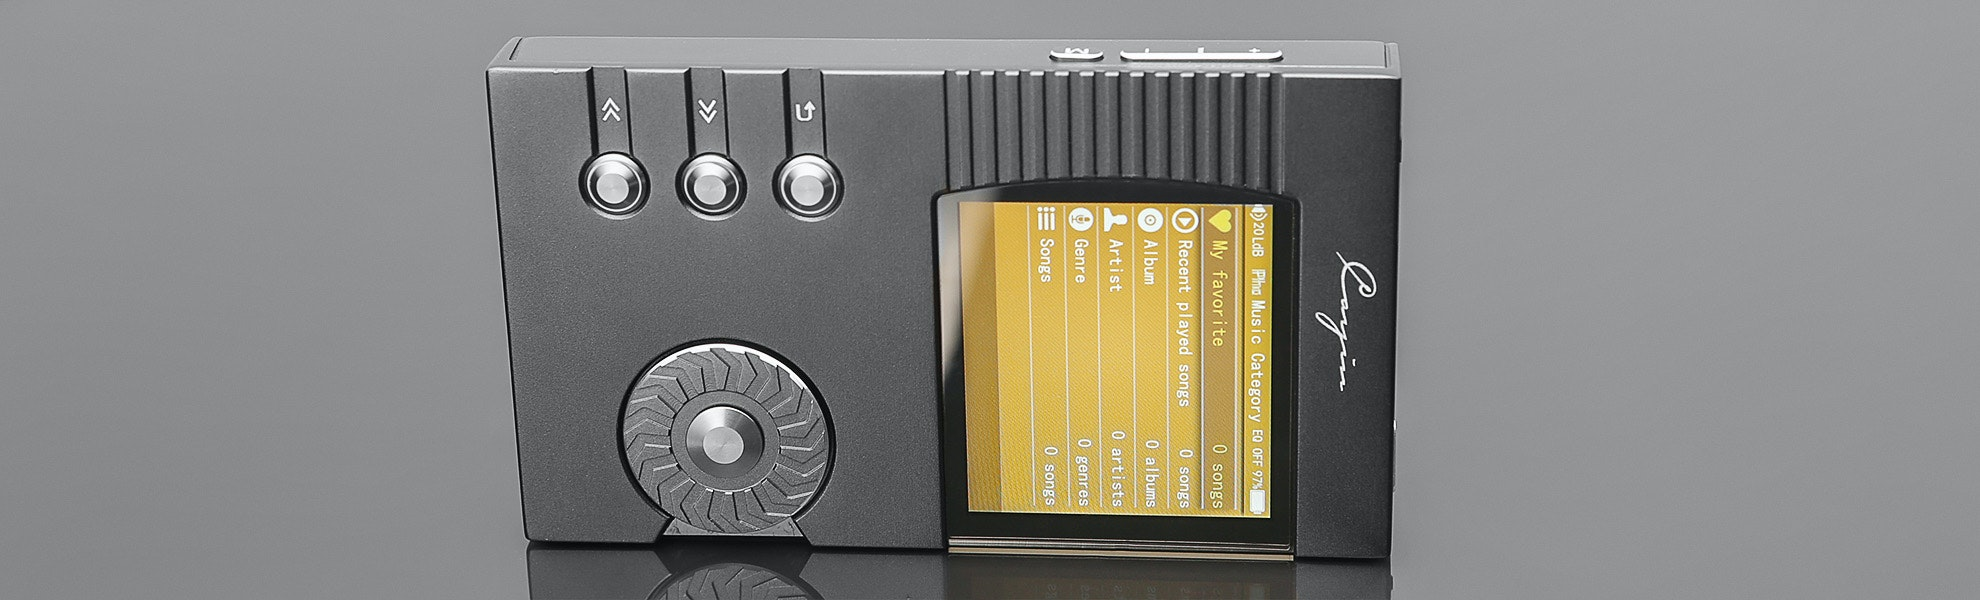 Cayin N5 Digital Audio Player